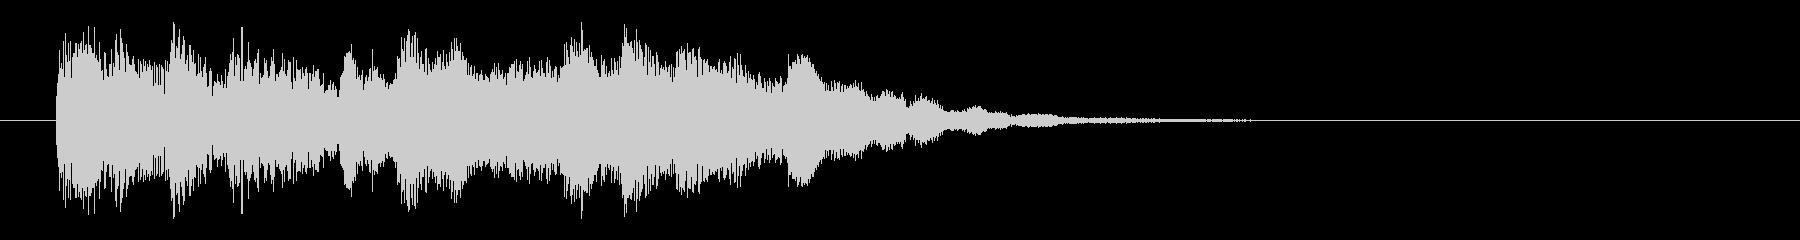 柔らかい音色のオルガンによるサウンドロゴの未再生の波形